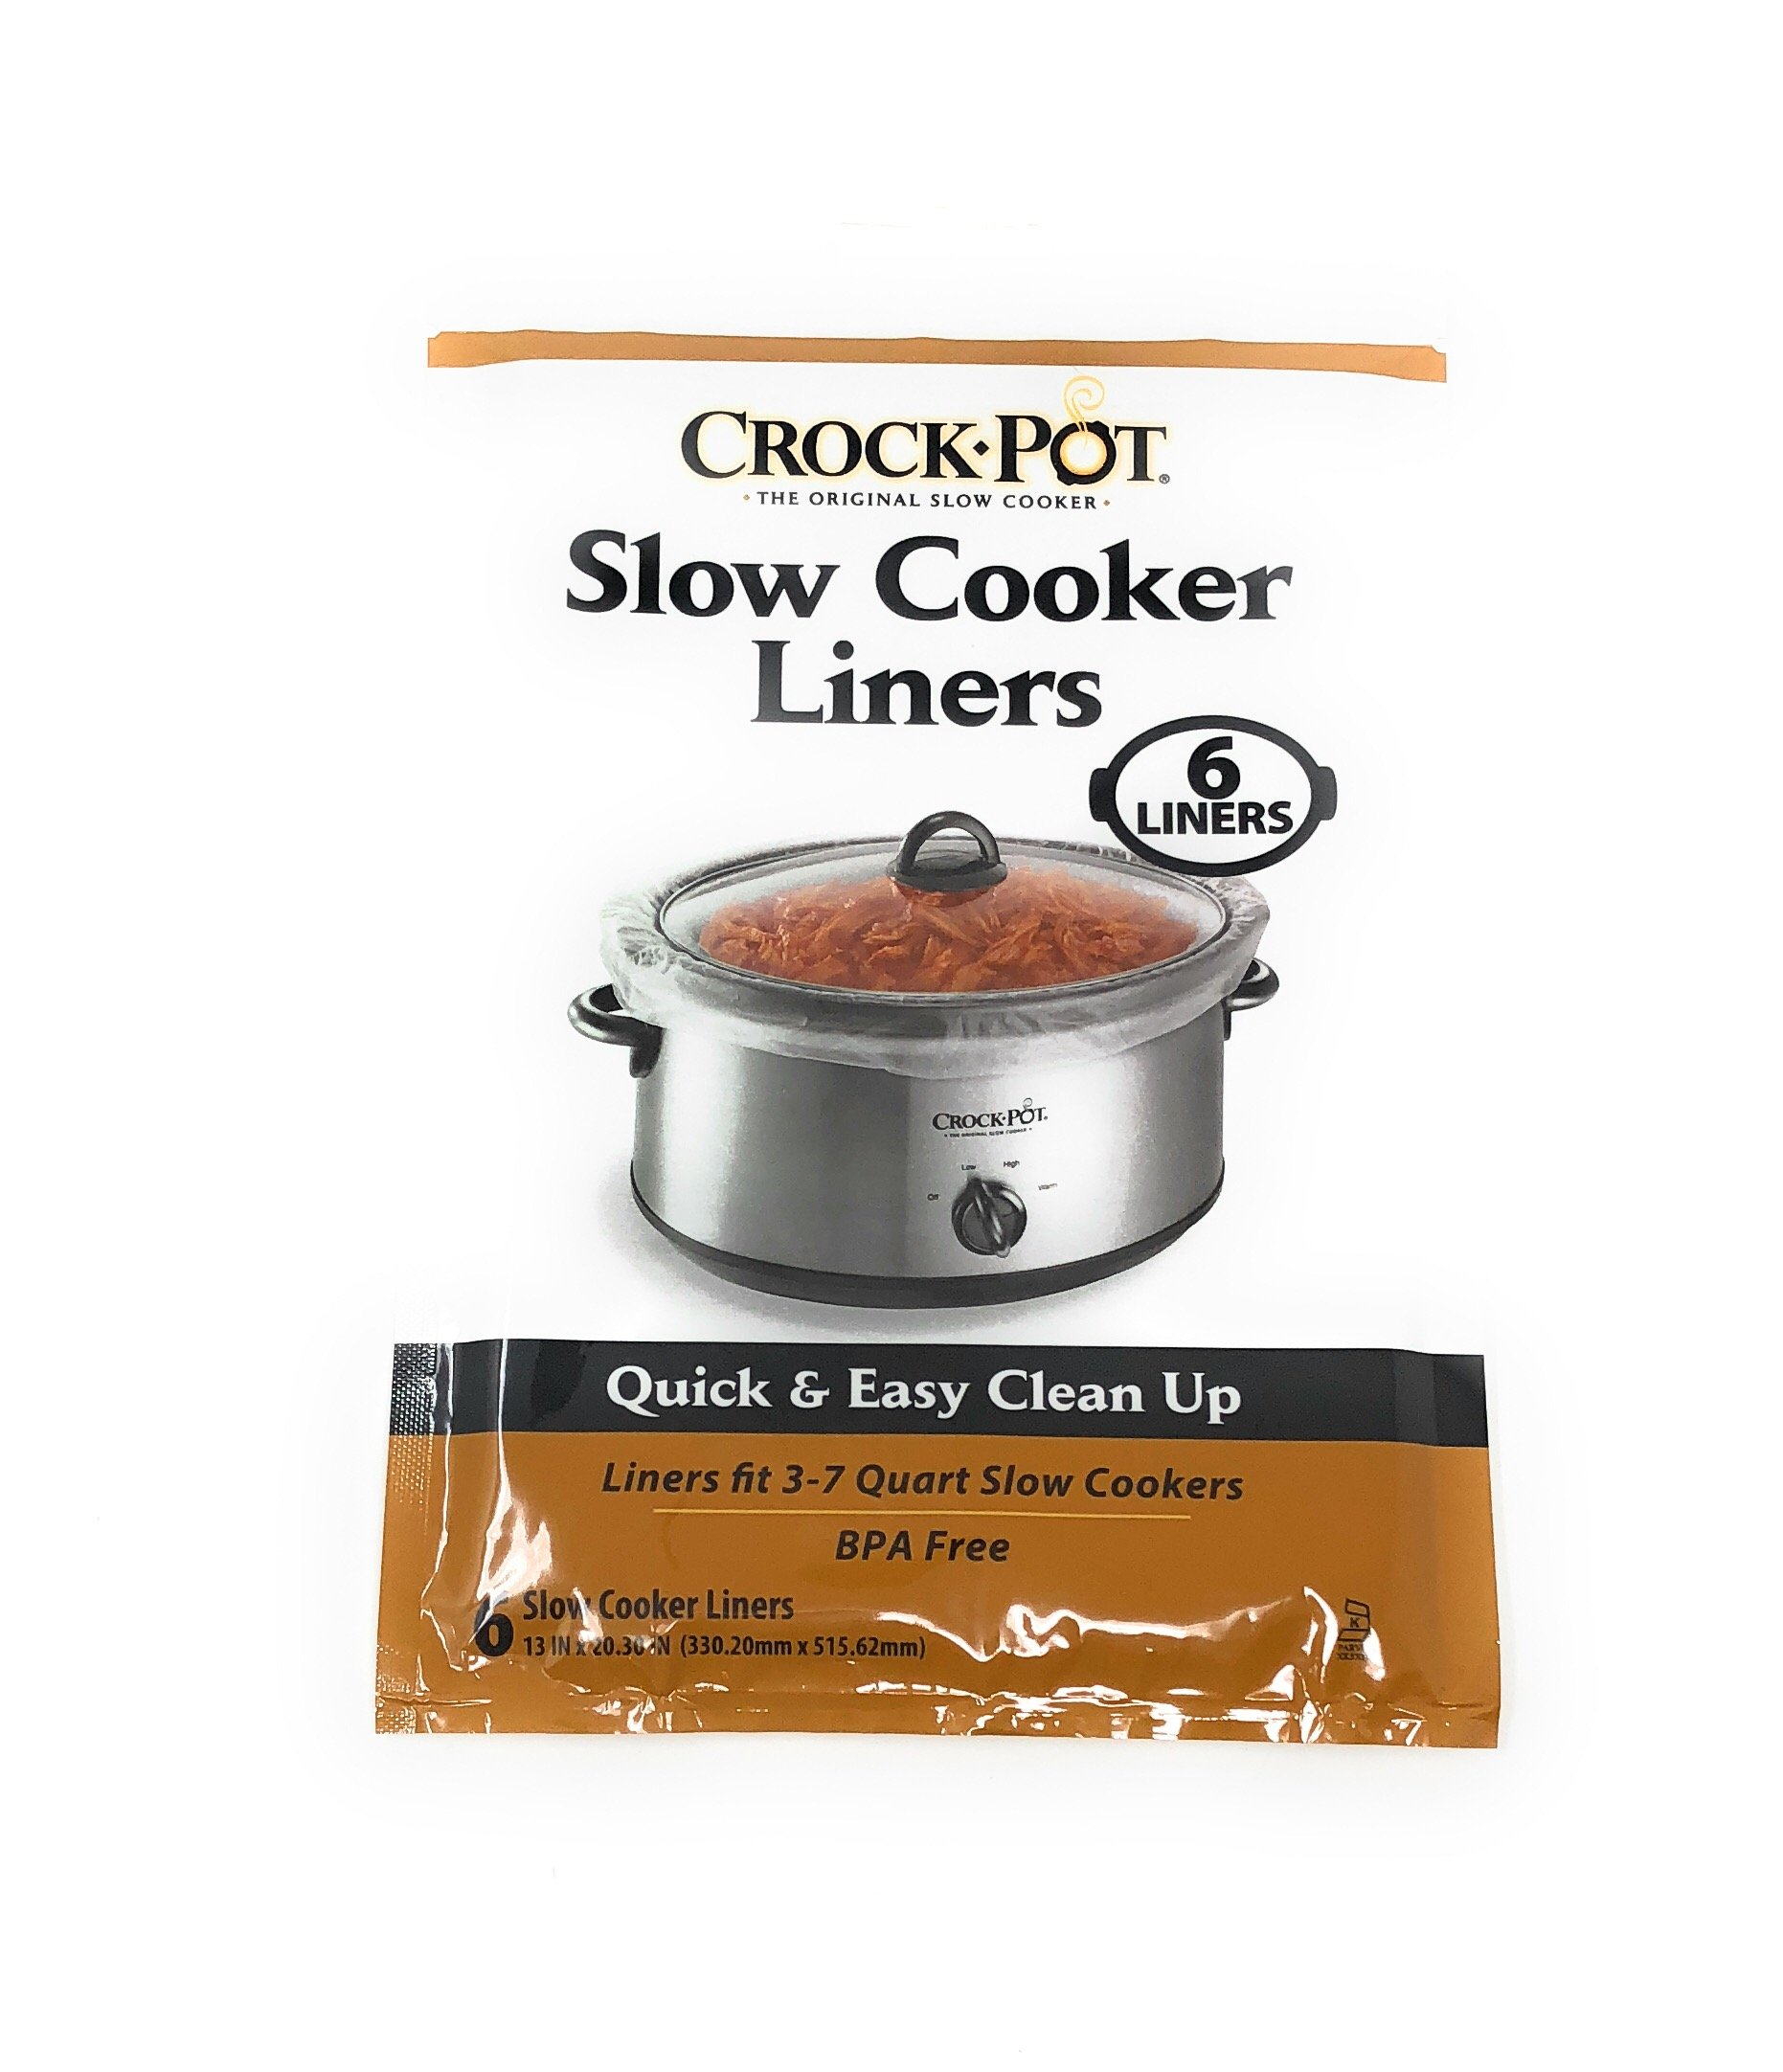 Crock-Pot Slow Cooker Liners ~ 6 liners